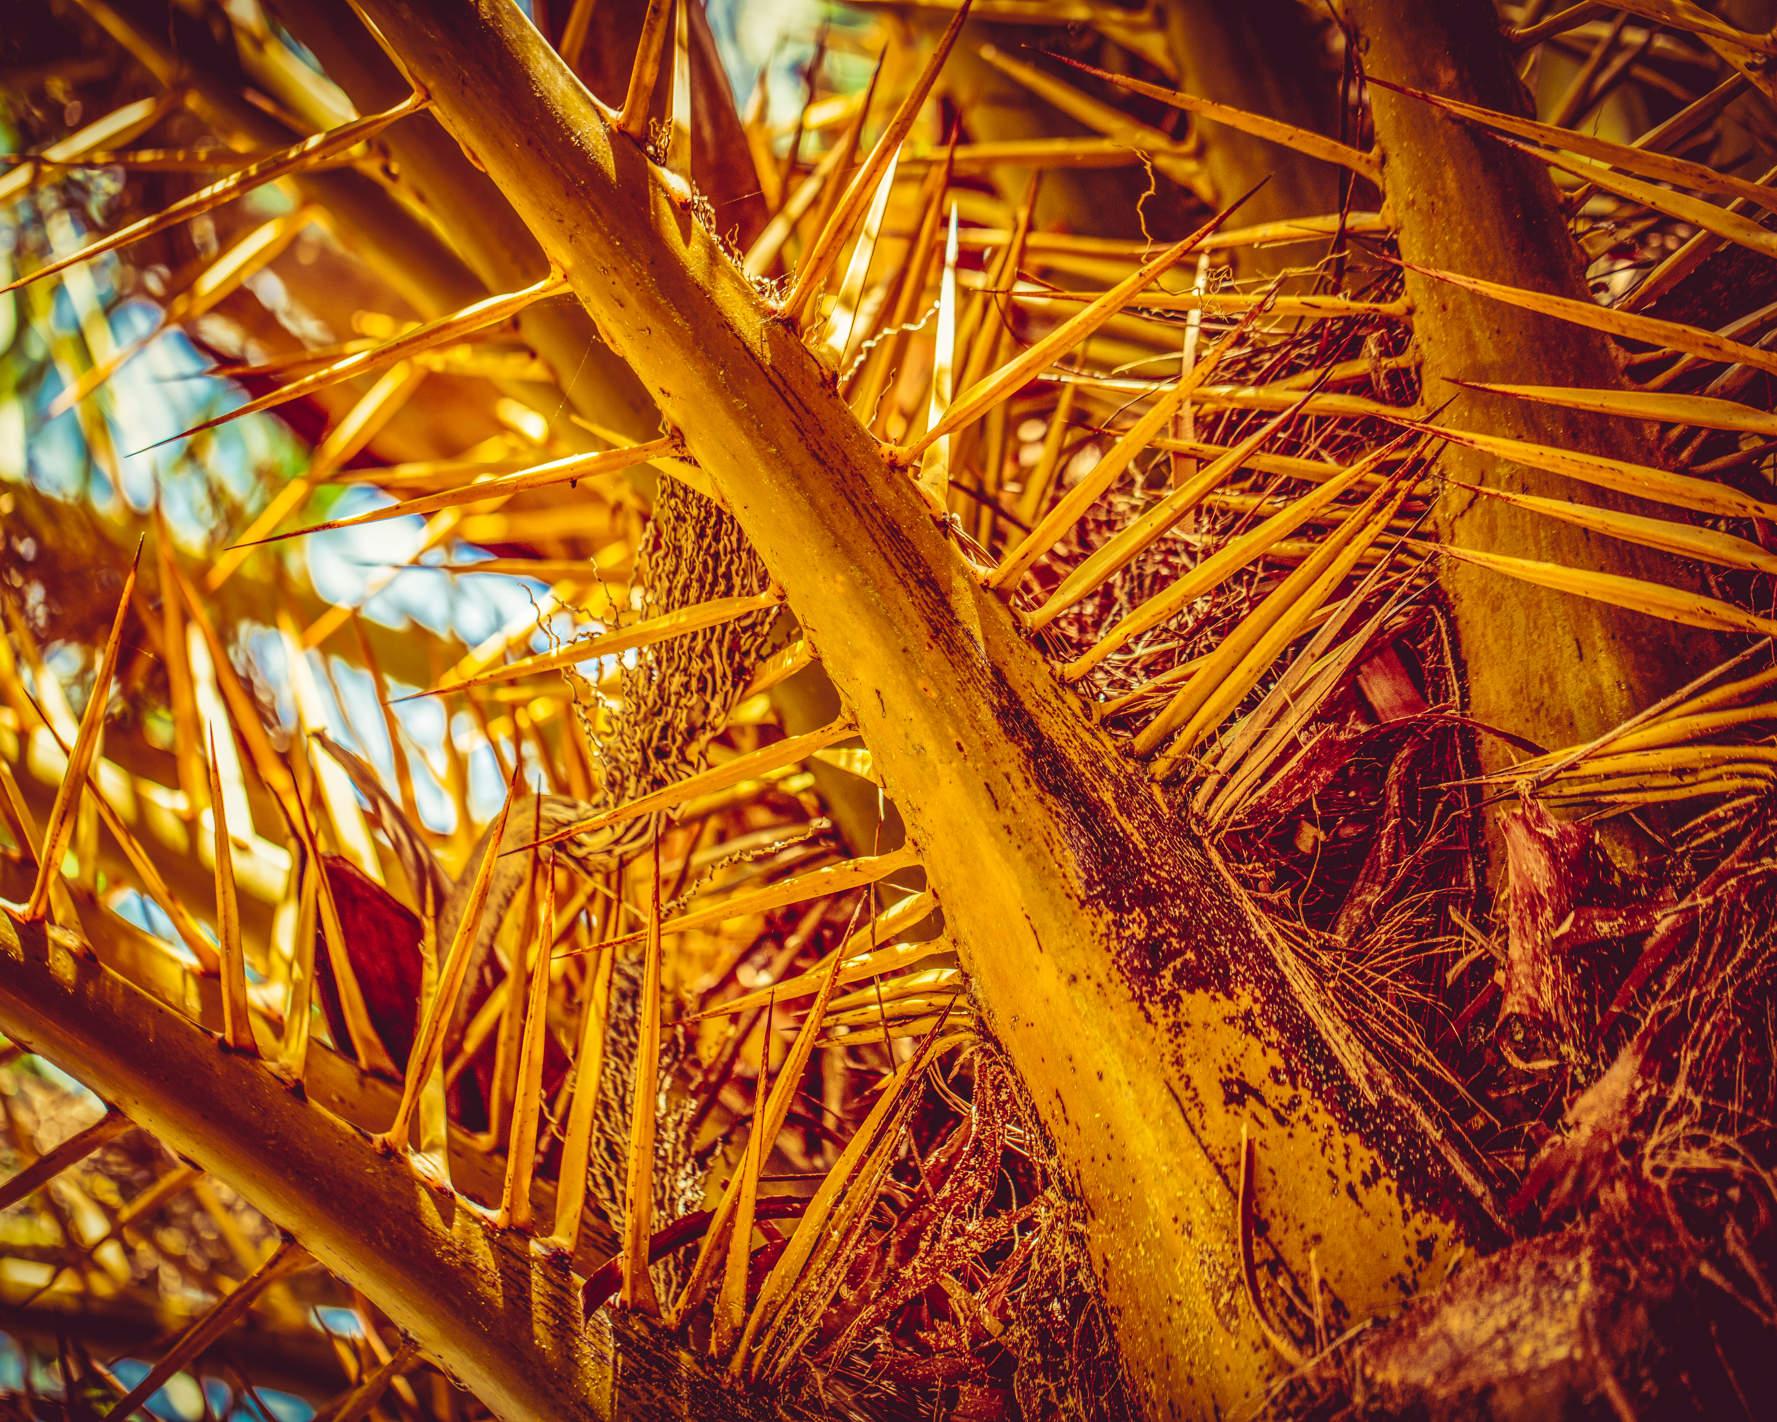 Baumkrone einer Palme mit Dornen in kräftigen Orangetönen